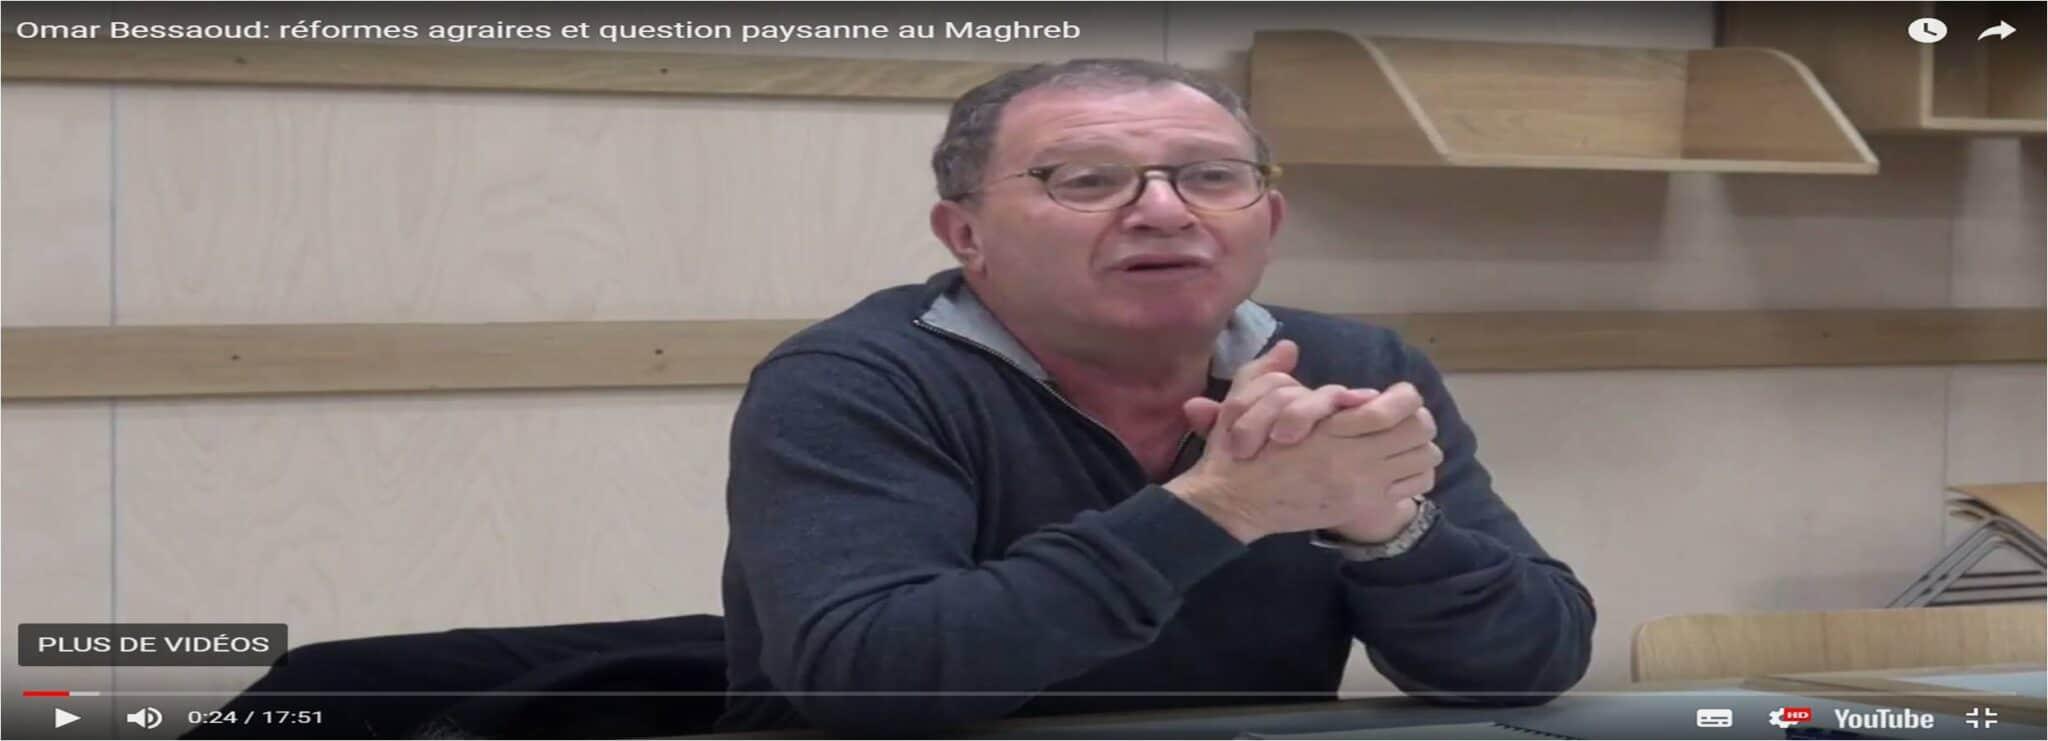 Réunion thématique AGTER #48 : Les réformes agraires et la question paysanne dans les pays du Maghreb